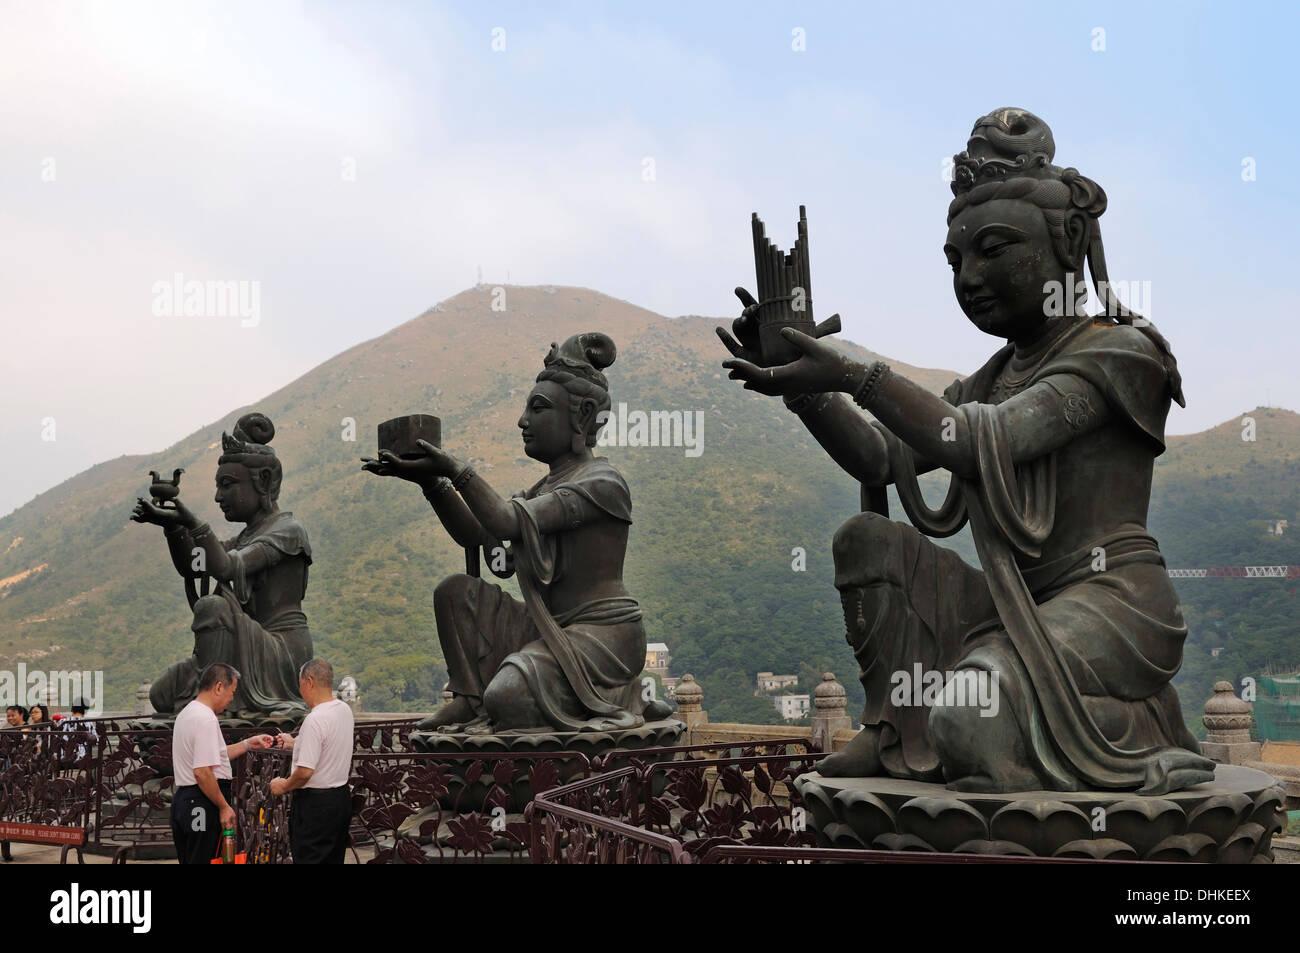 Sculptures at Po Lin Monastery, Lantau Island, Hongkong, China, Asien - Stock Image